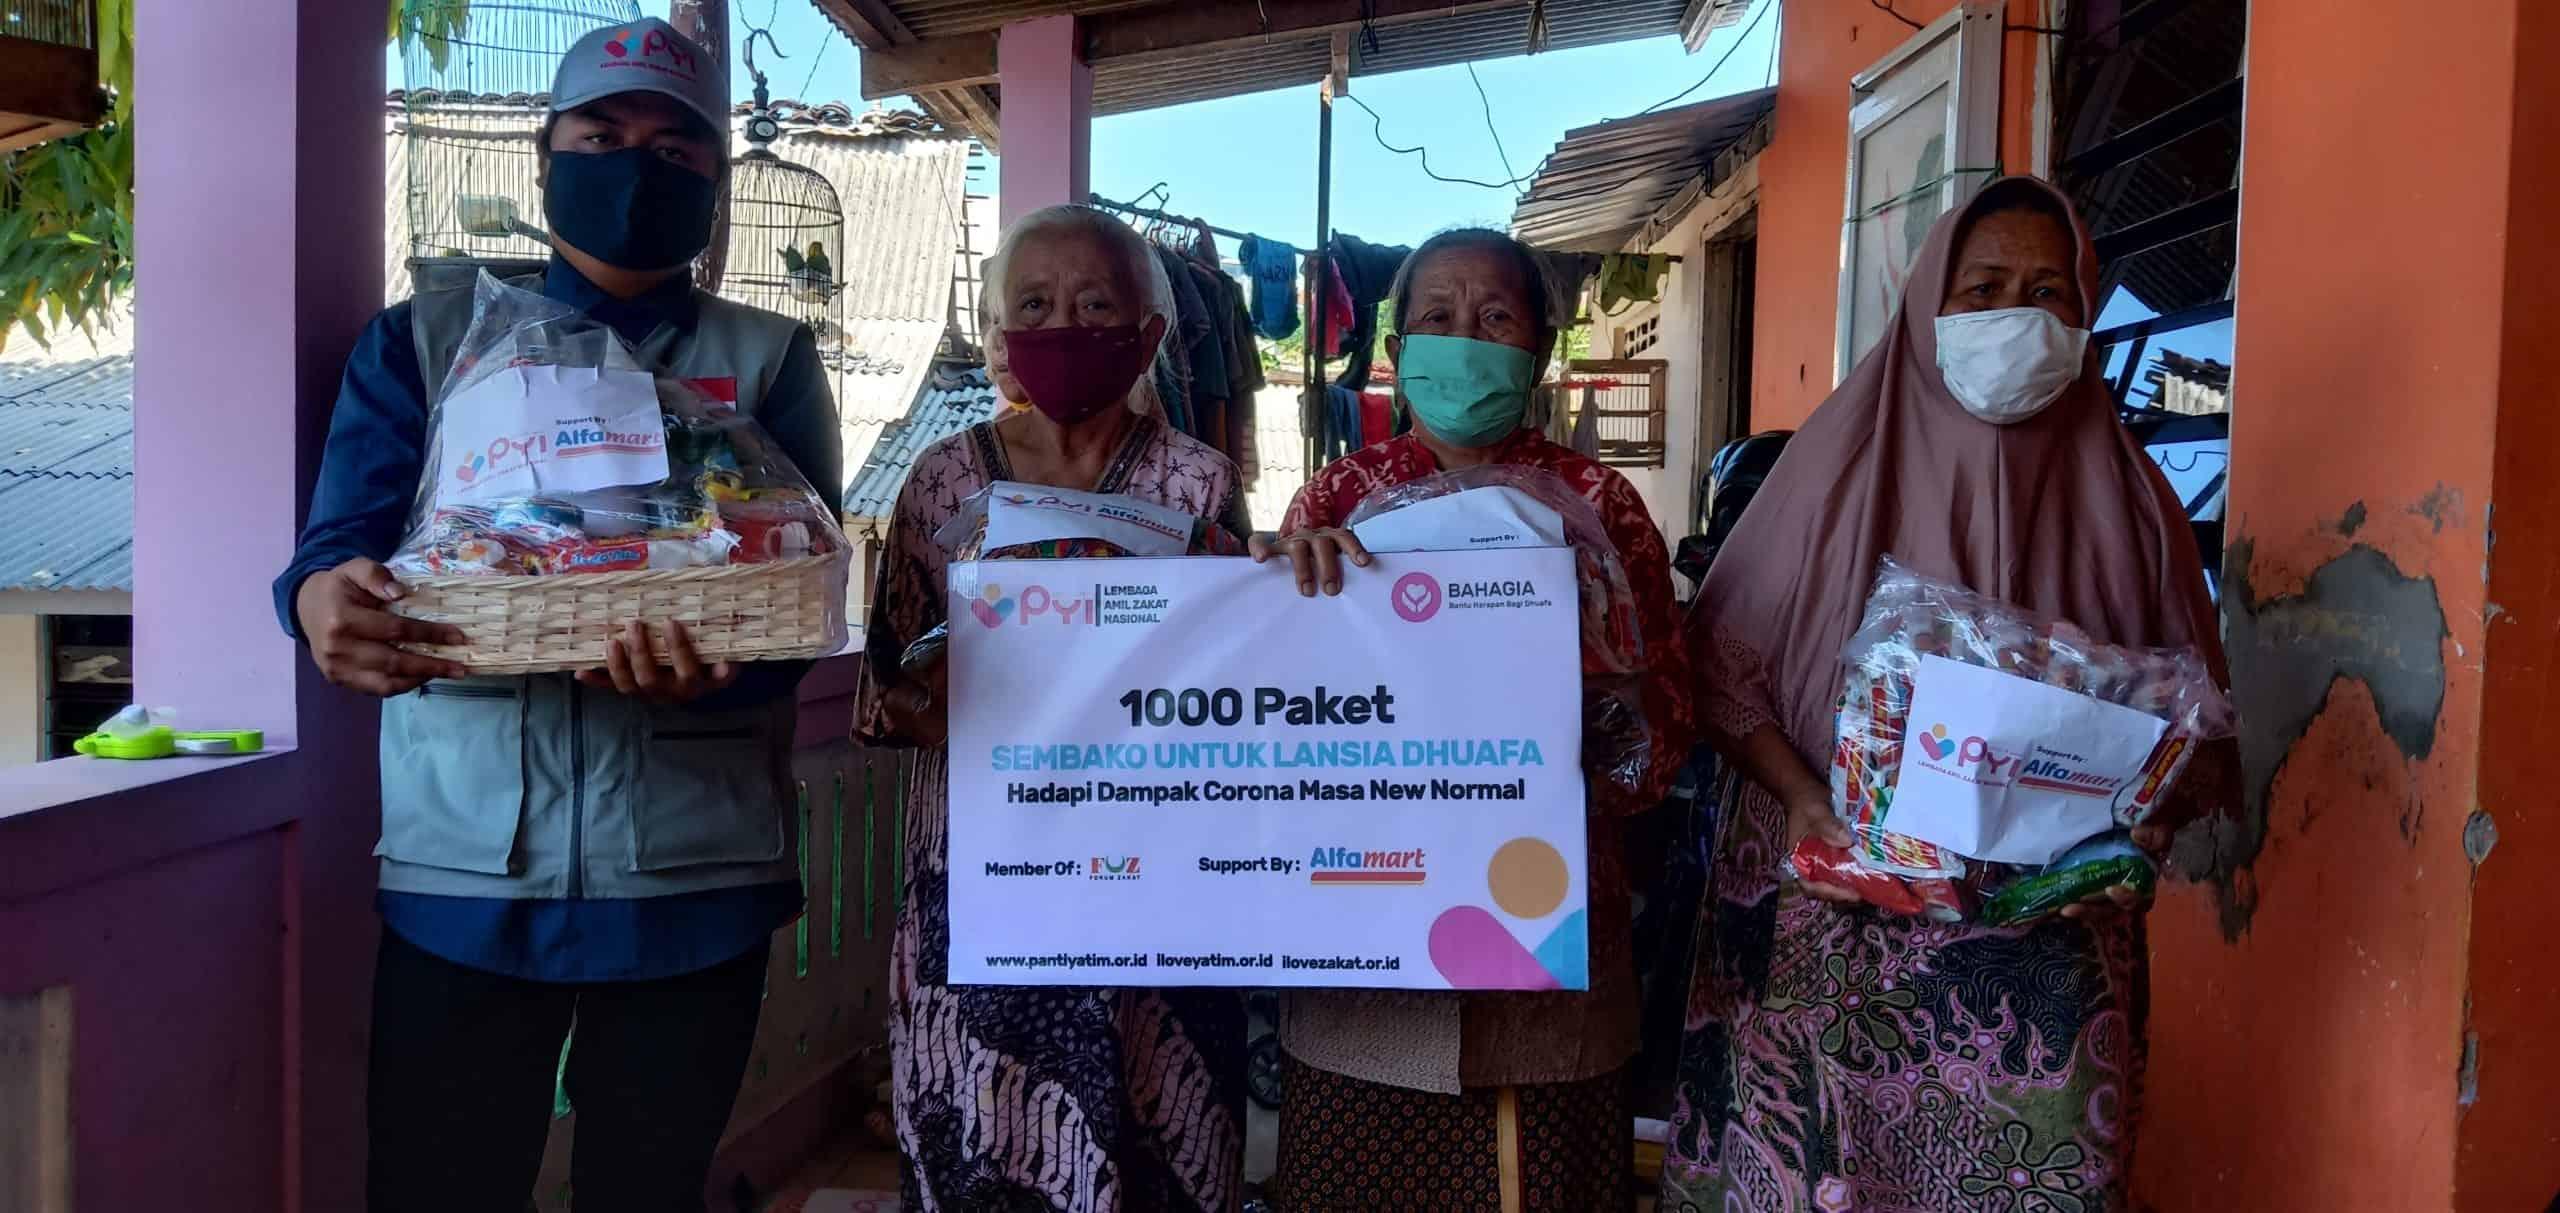 LAZ Panti Yatim Salurkan Paket Sembako Bagi Lansia Terdampak Covid-19 Kota Semarang